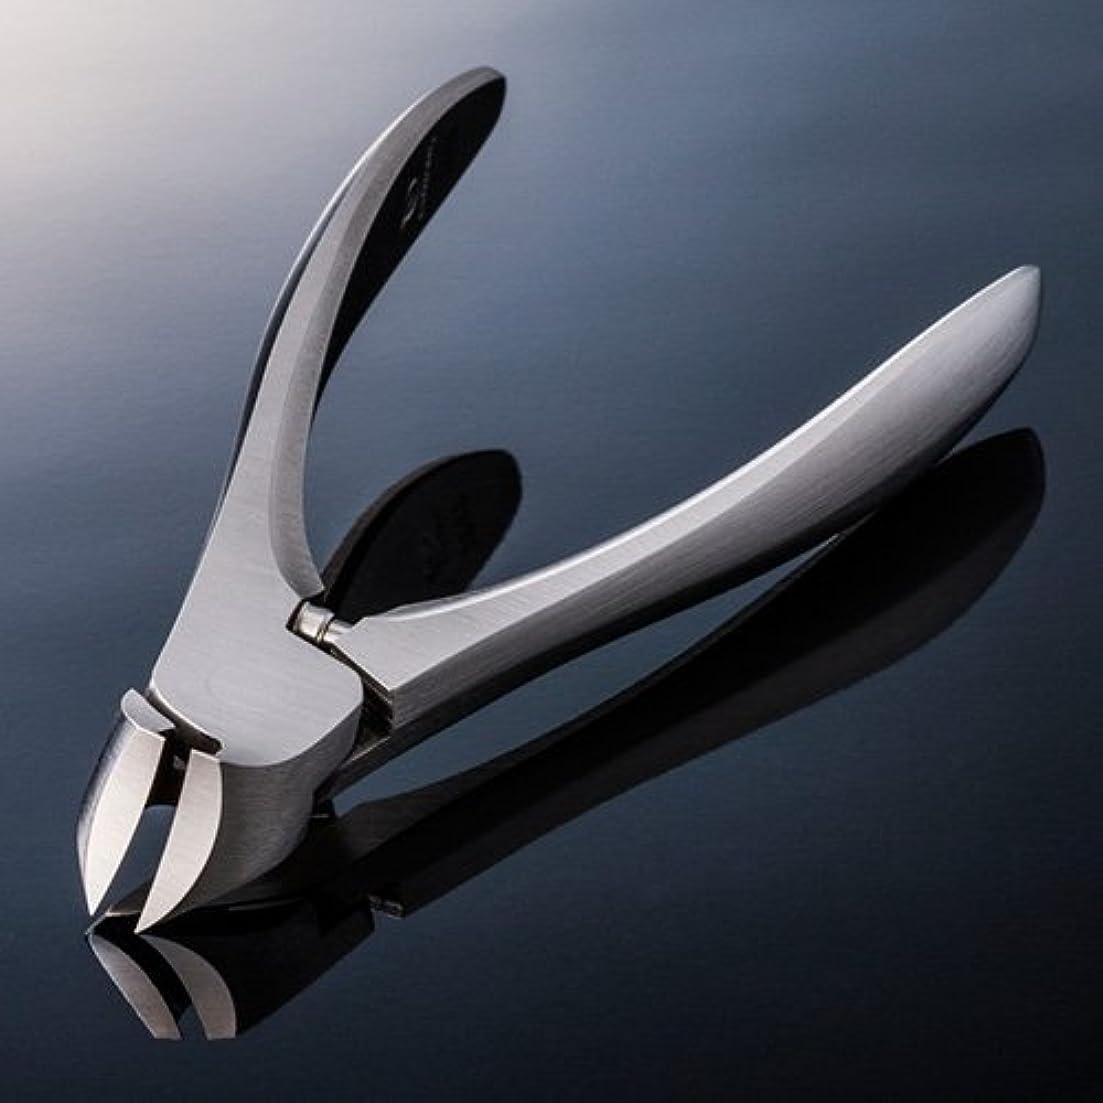 小道裁判官収束【SUWADA クラシックL 爪やすり付】 諏訪田のつめ切り 爪切り ネイルニッパー 収納メタルケース付 /日本のいいもの